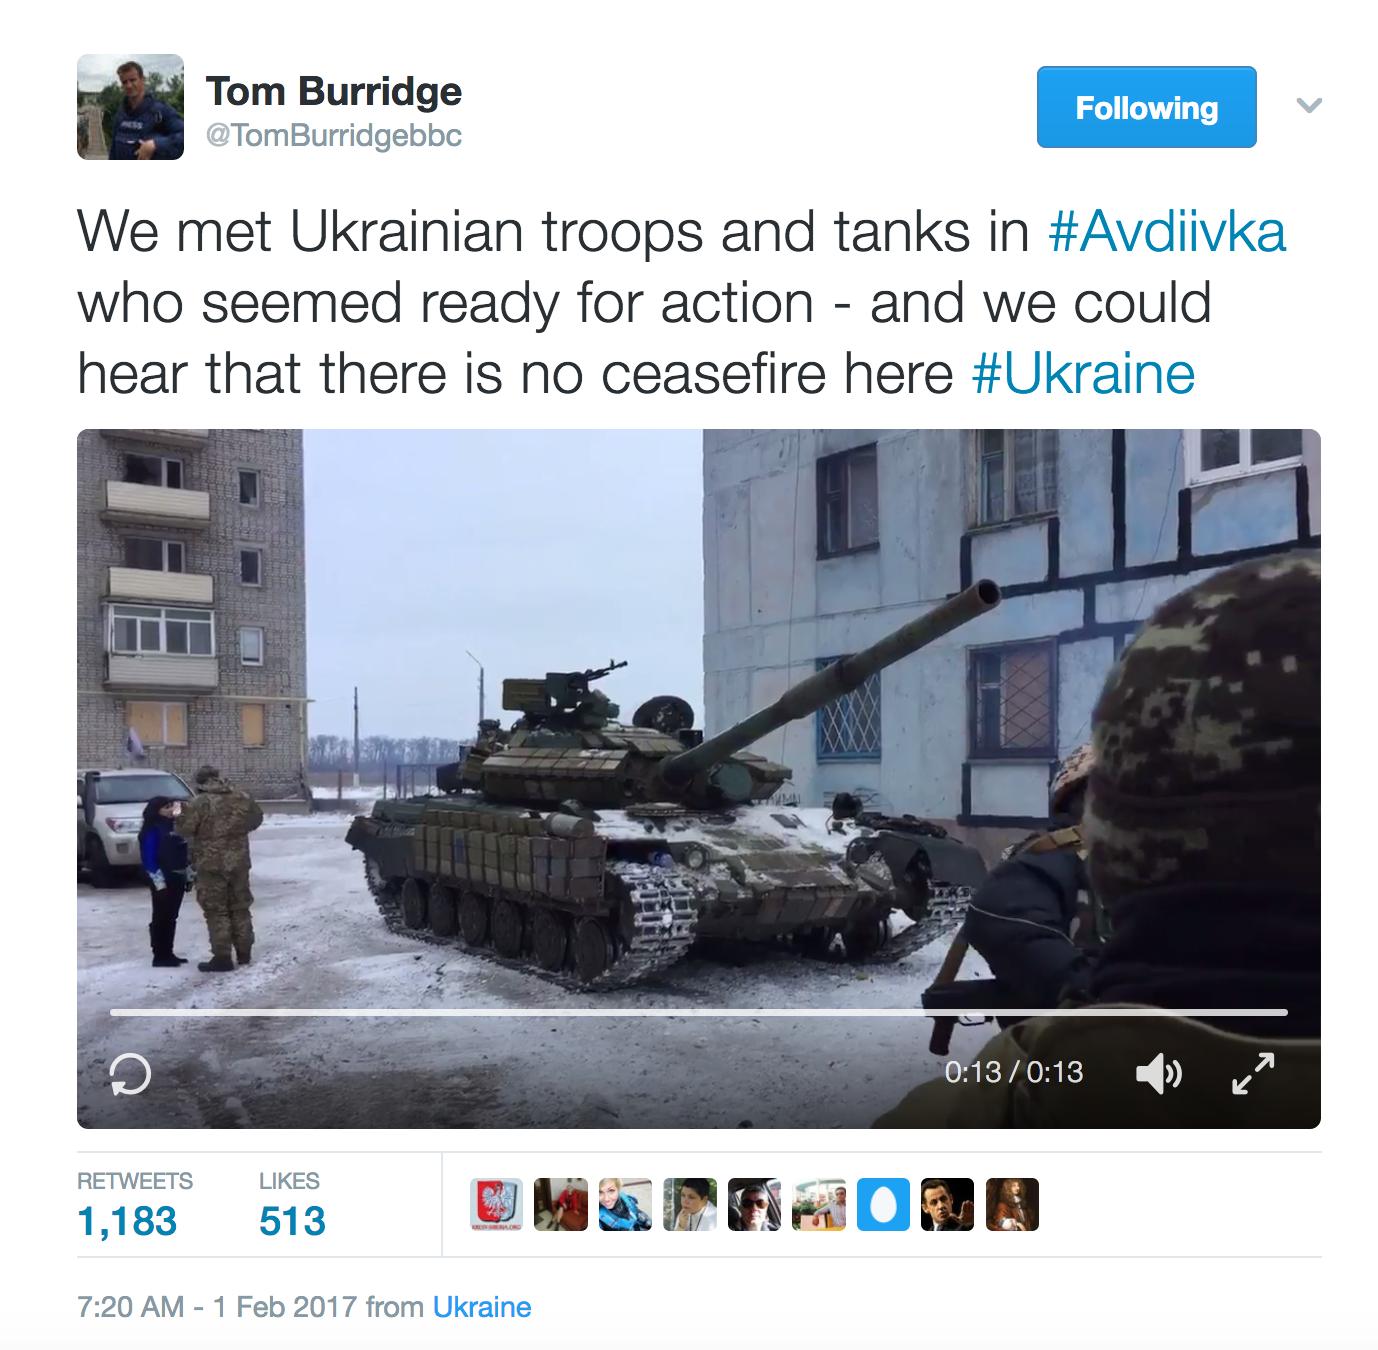 Кремль настаивает надецентрализации государства Украины